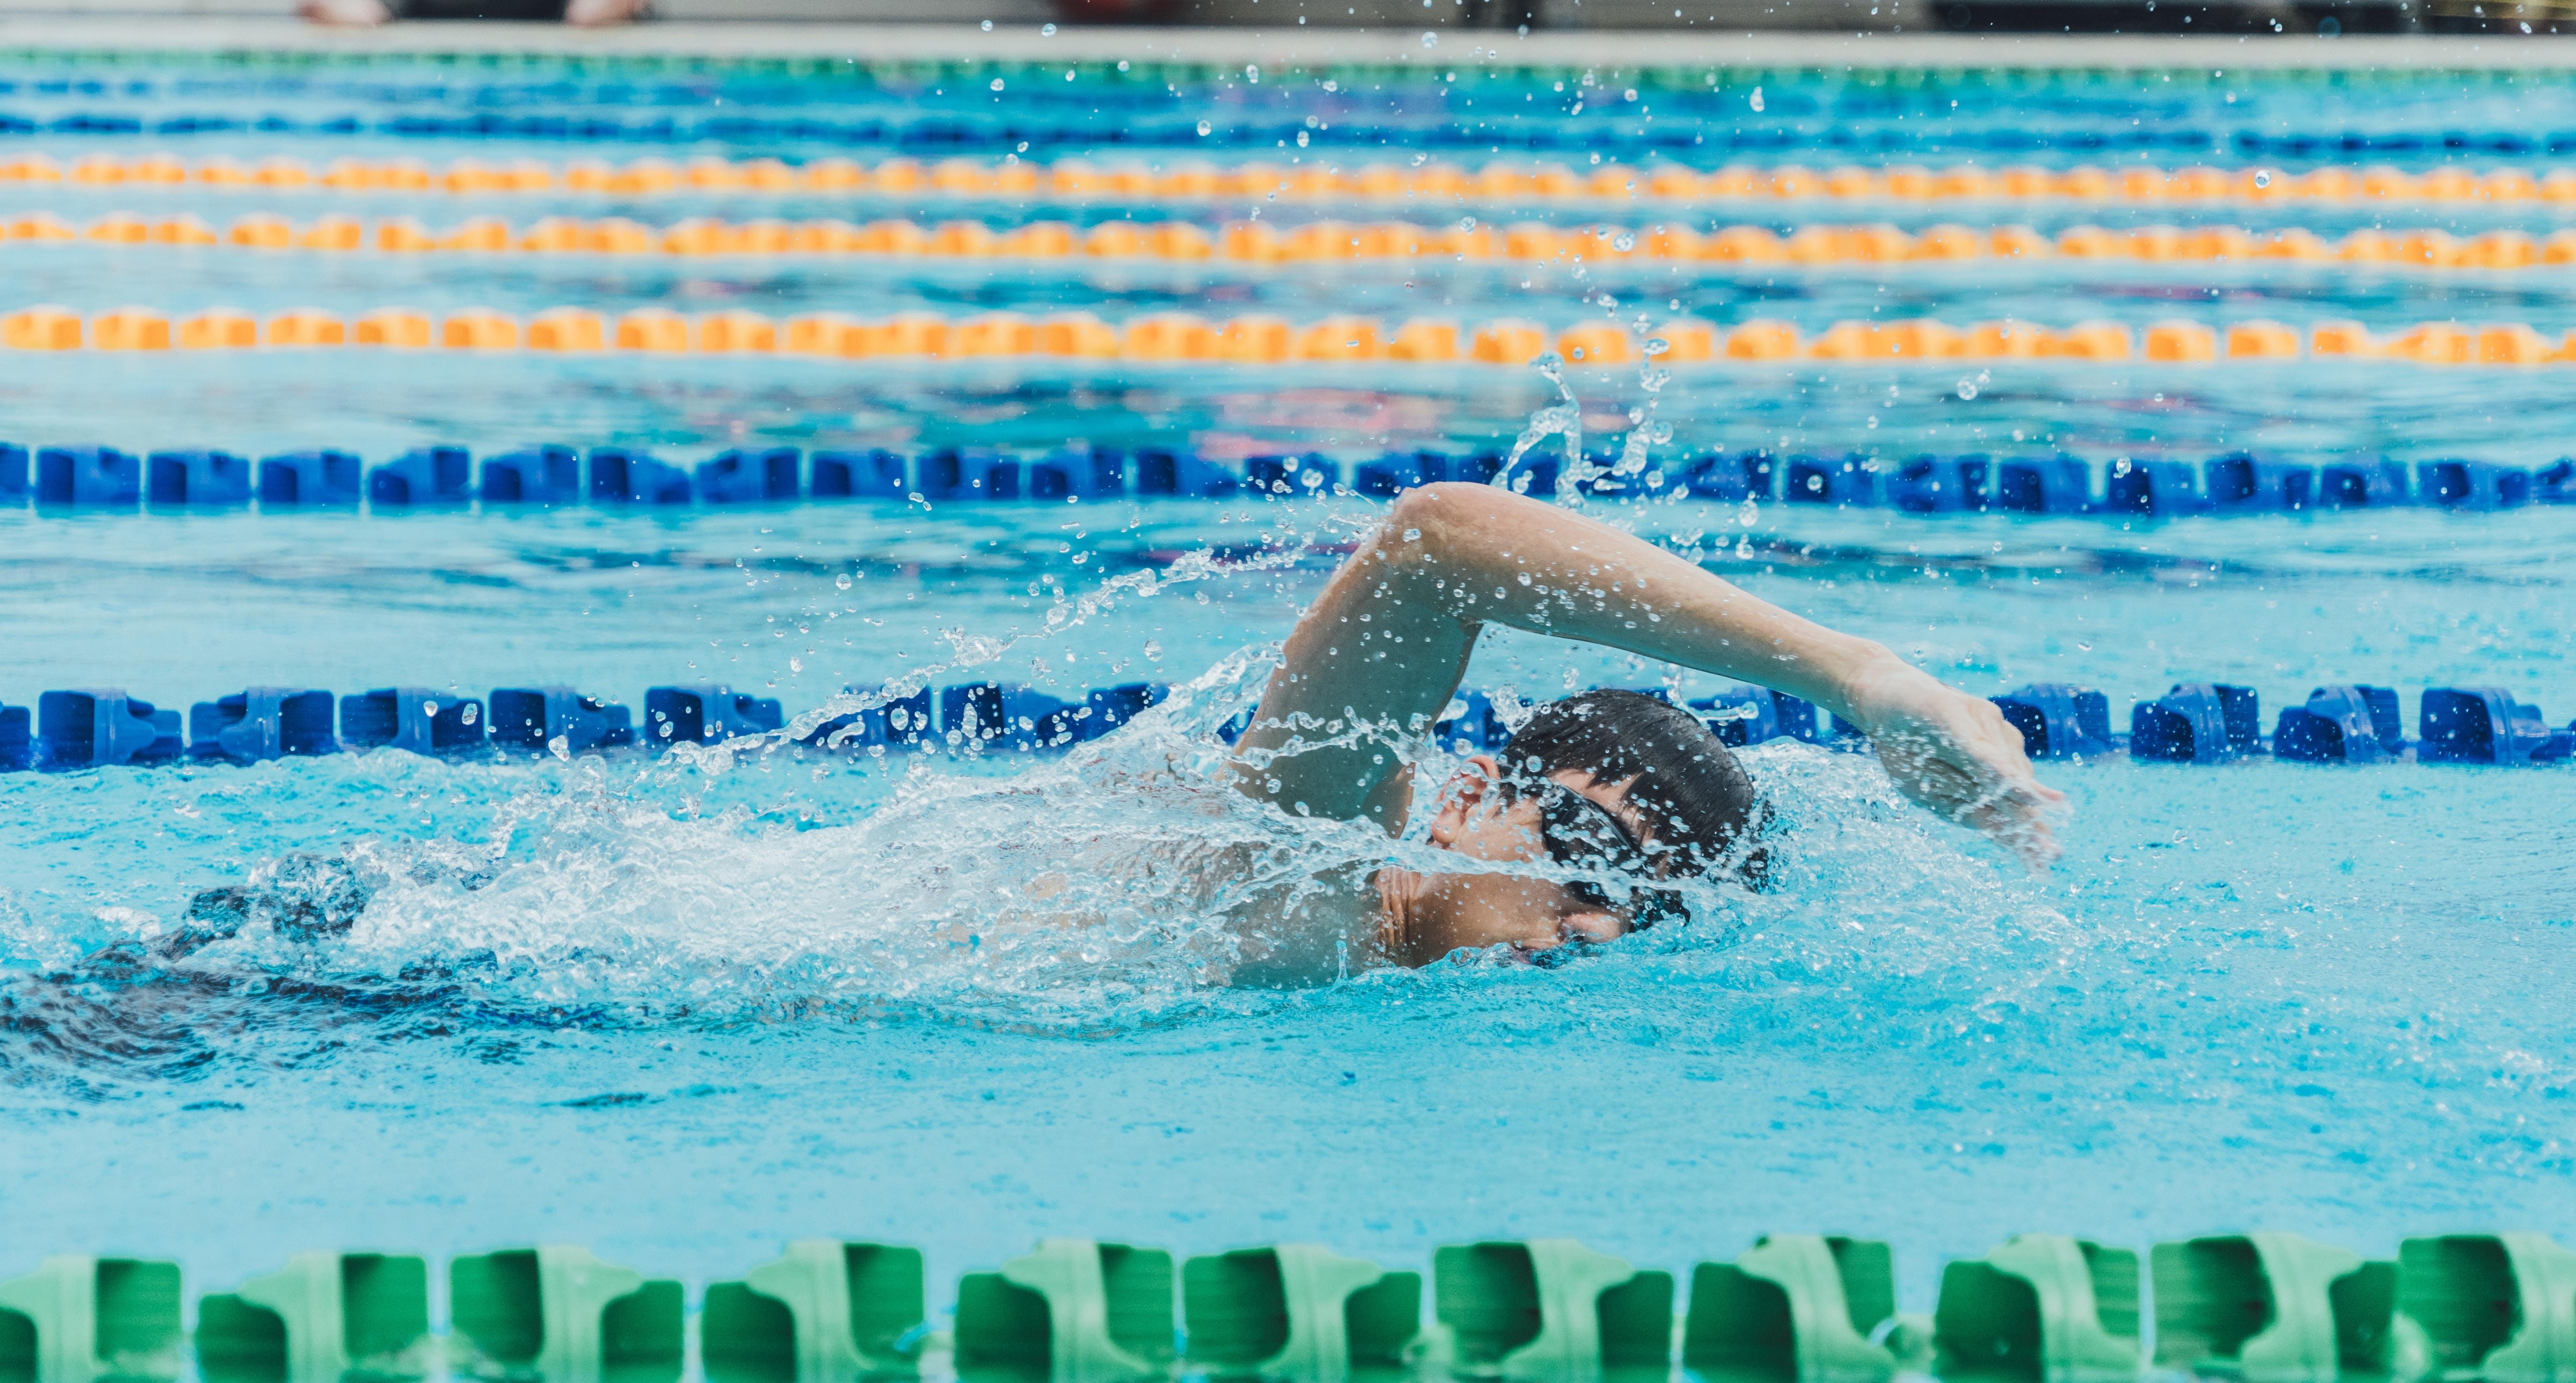 Nový plavecký klub v Radotíně